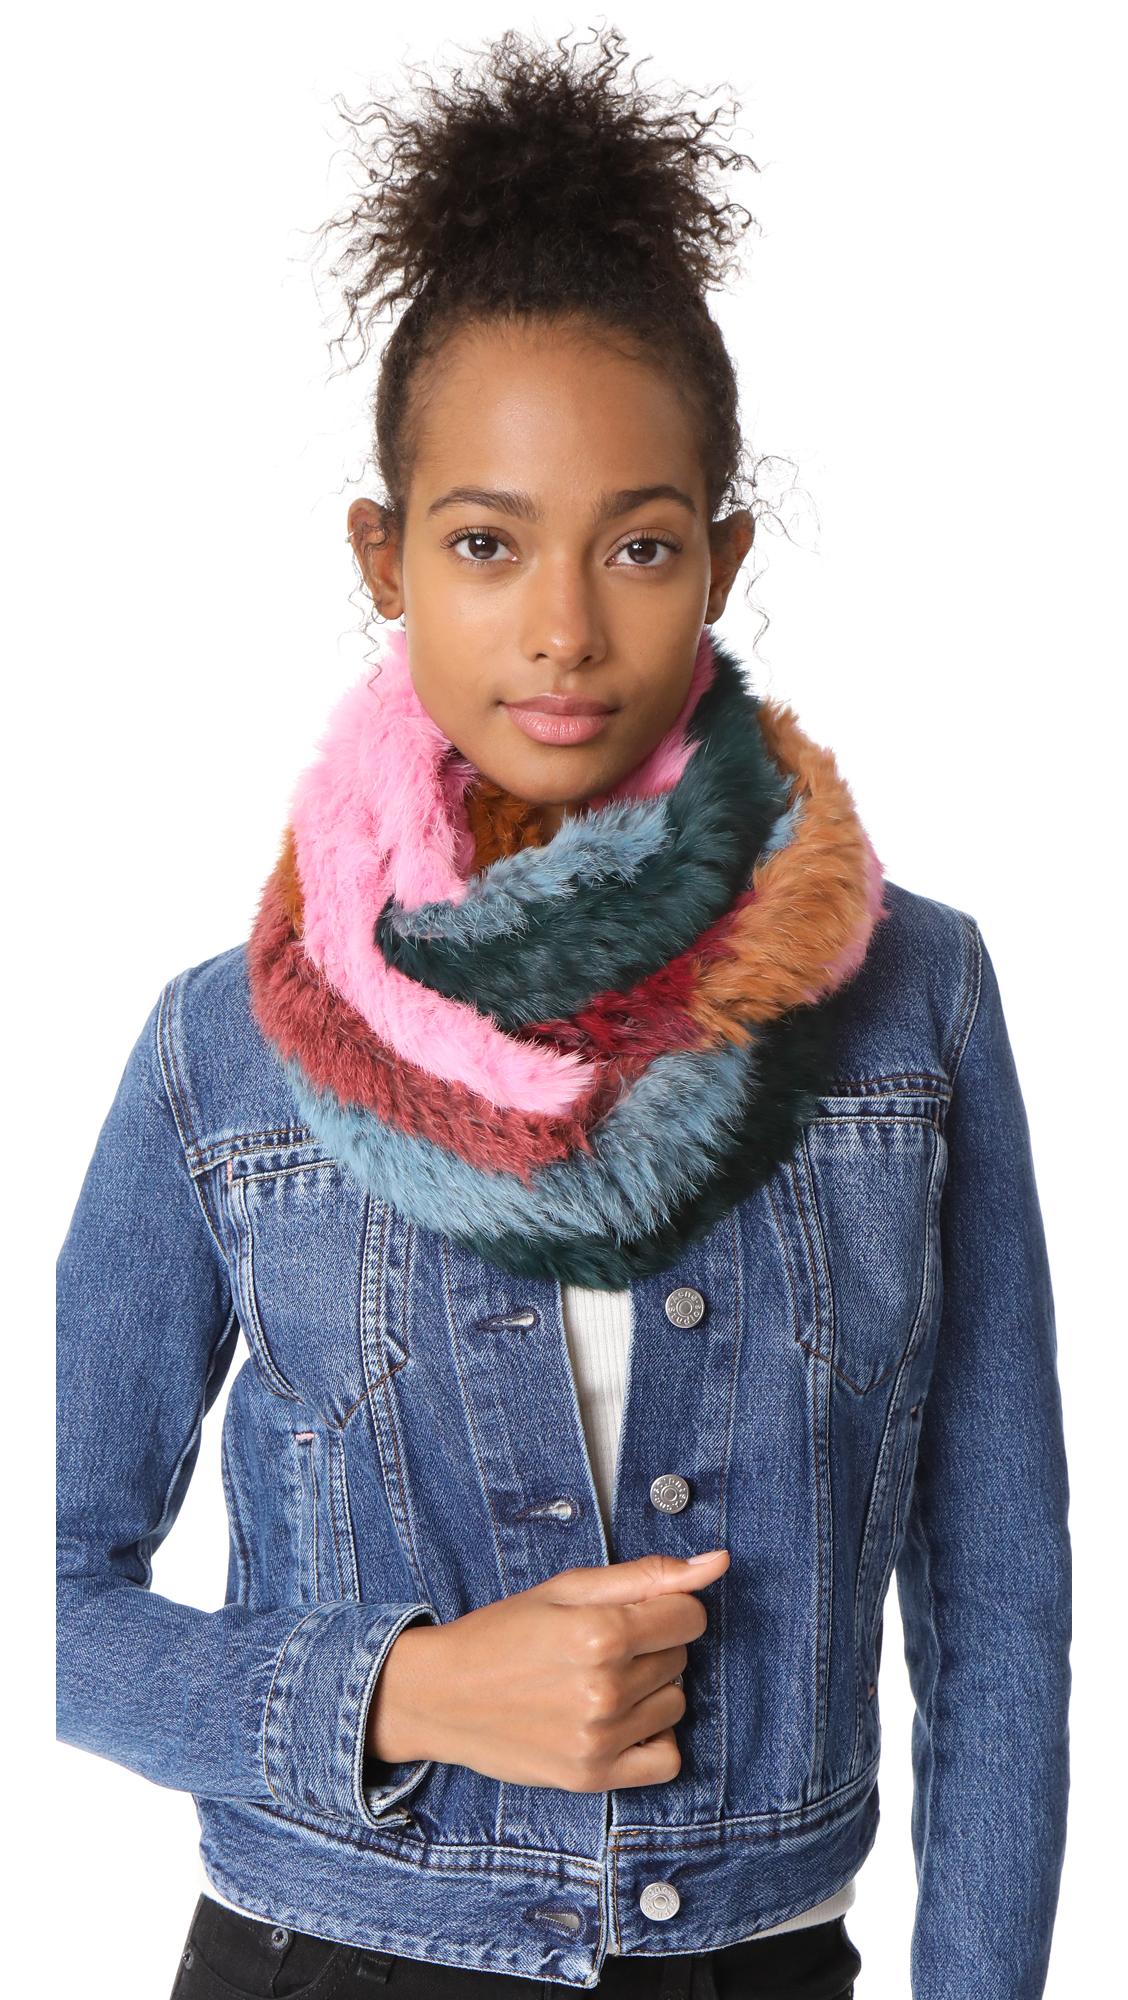 Jocelyn Stripe Fur Infinity Scarf - Bright Multi